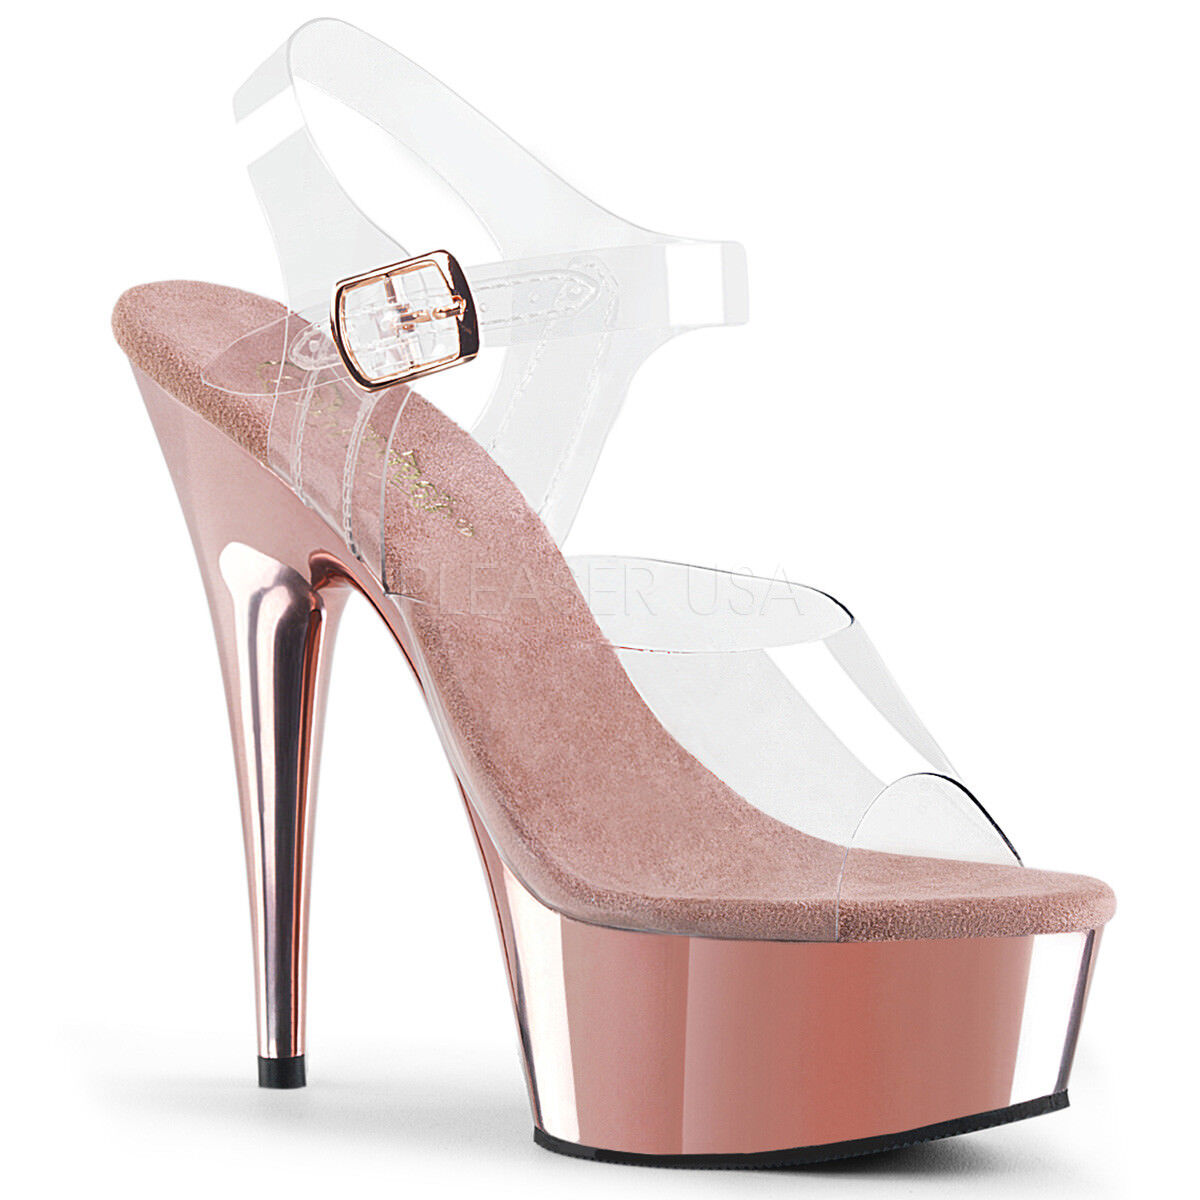 vendita online sconto prezzo basso Pleaser Delight - 608 608 608 rosa oro cinturino caviglia plateau pole dance tg  ordina ora i prezzi più bassi